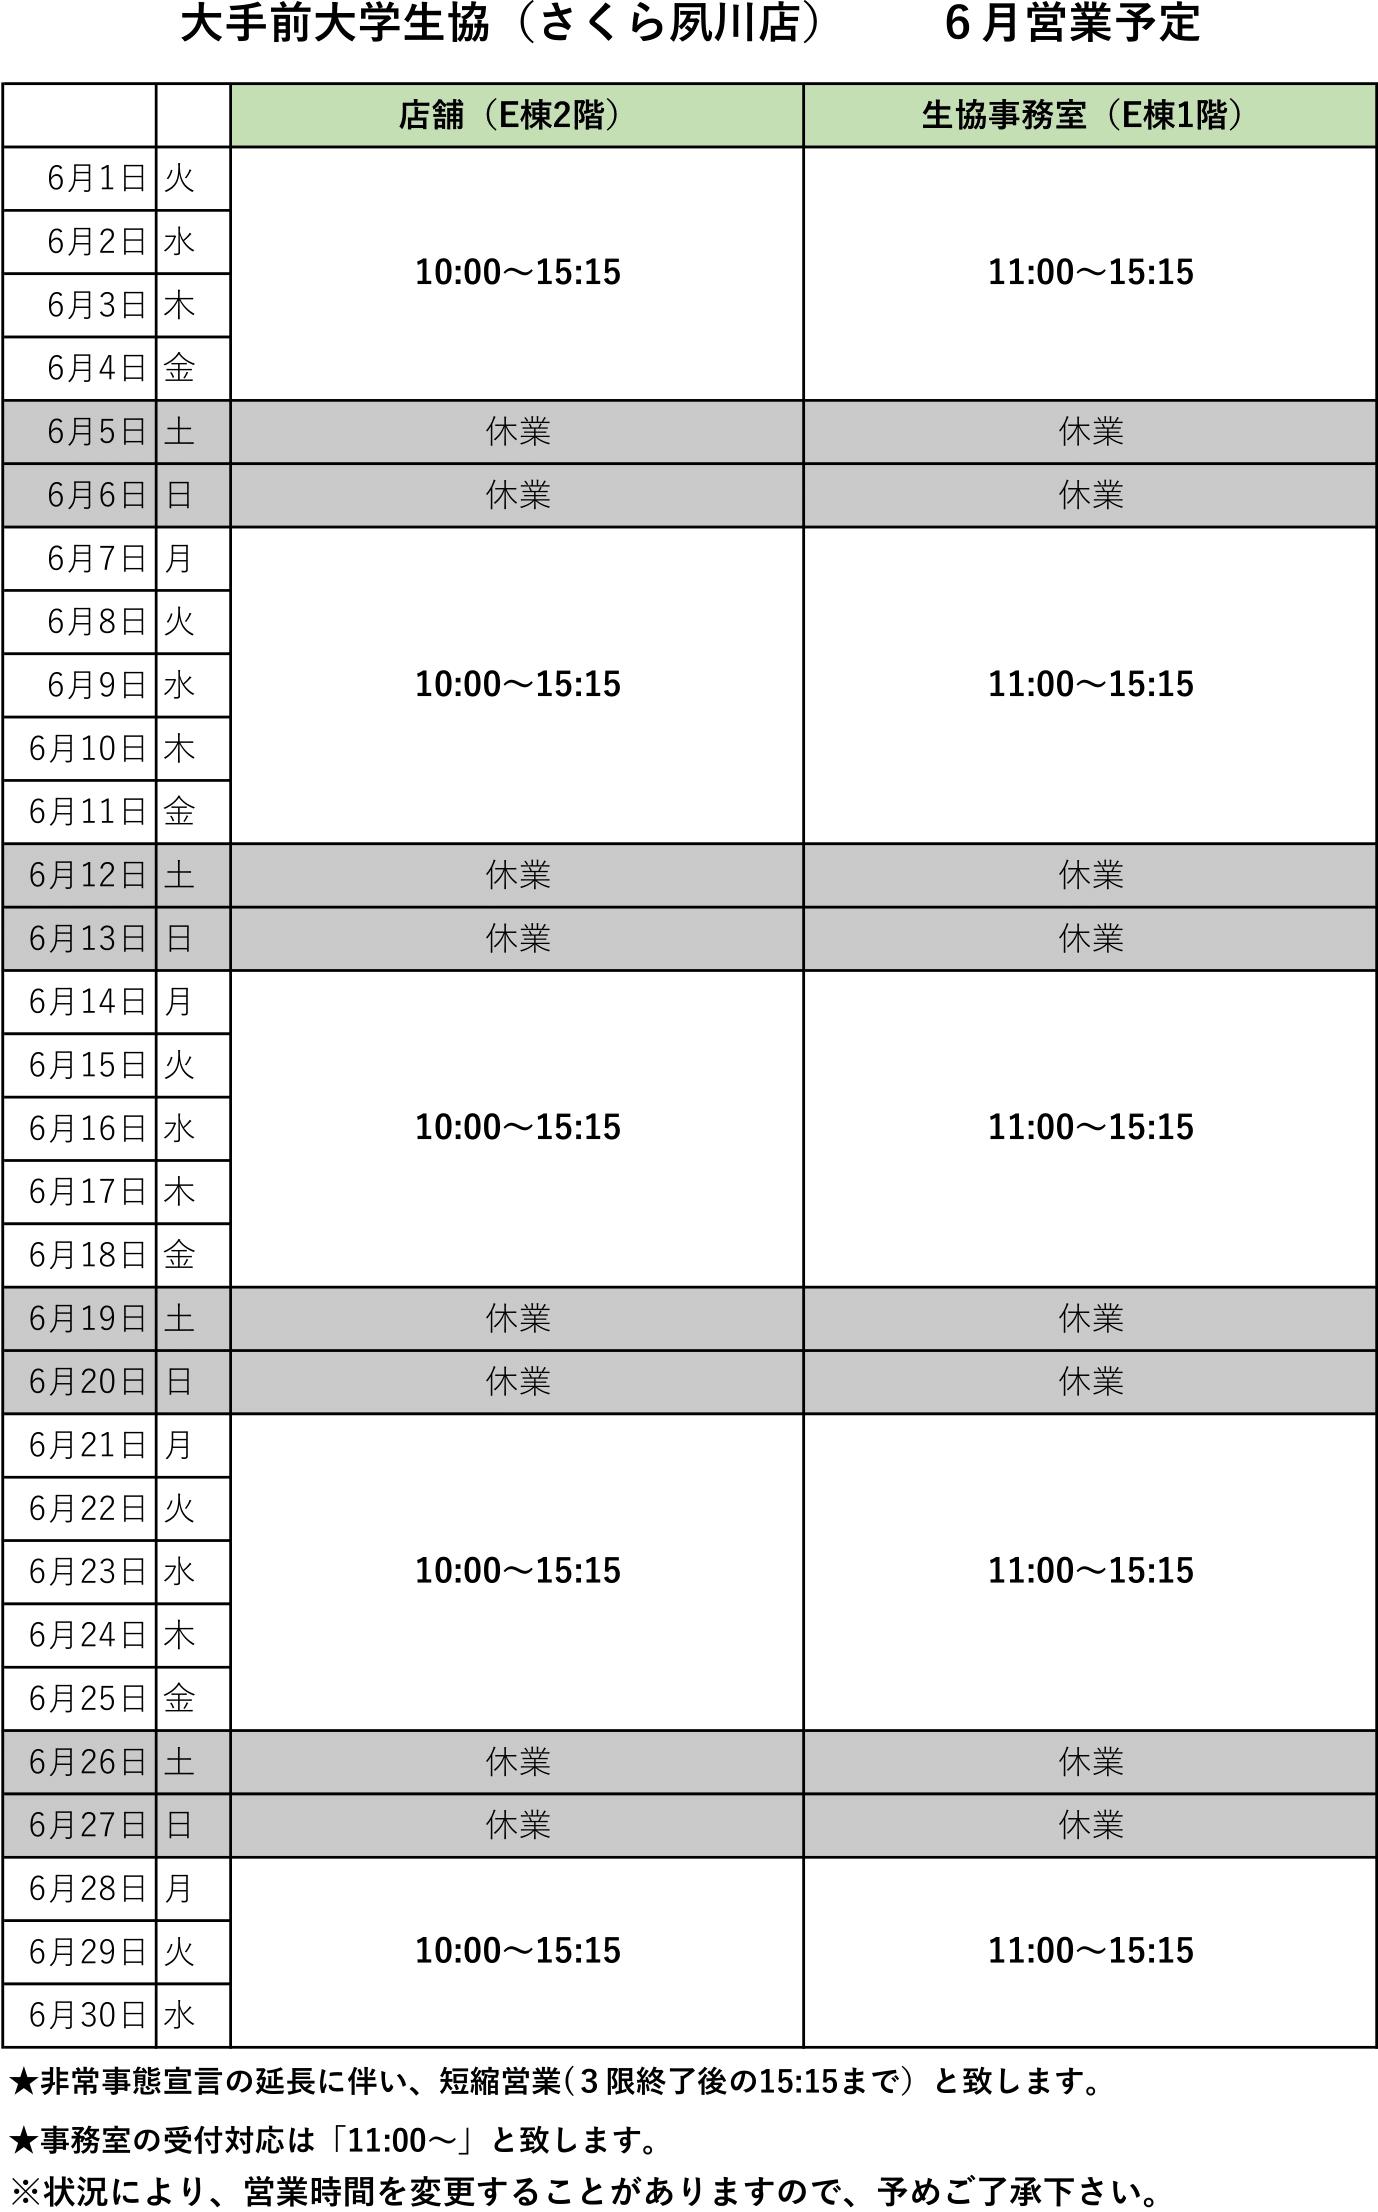 eigyo202106-01.png